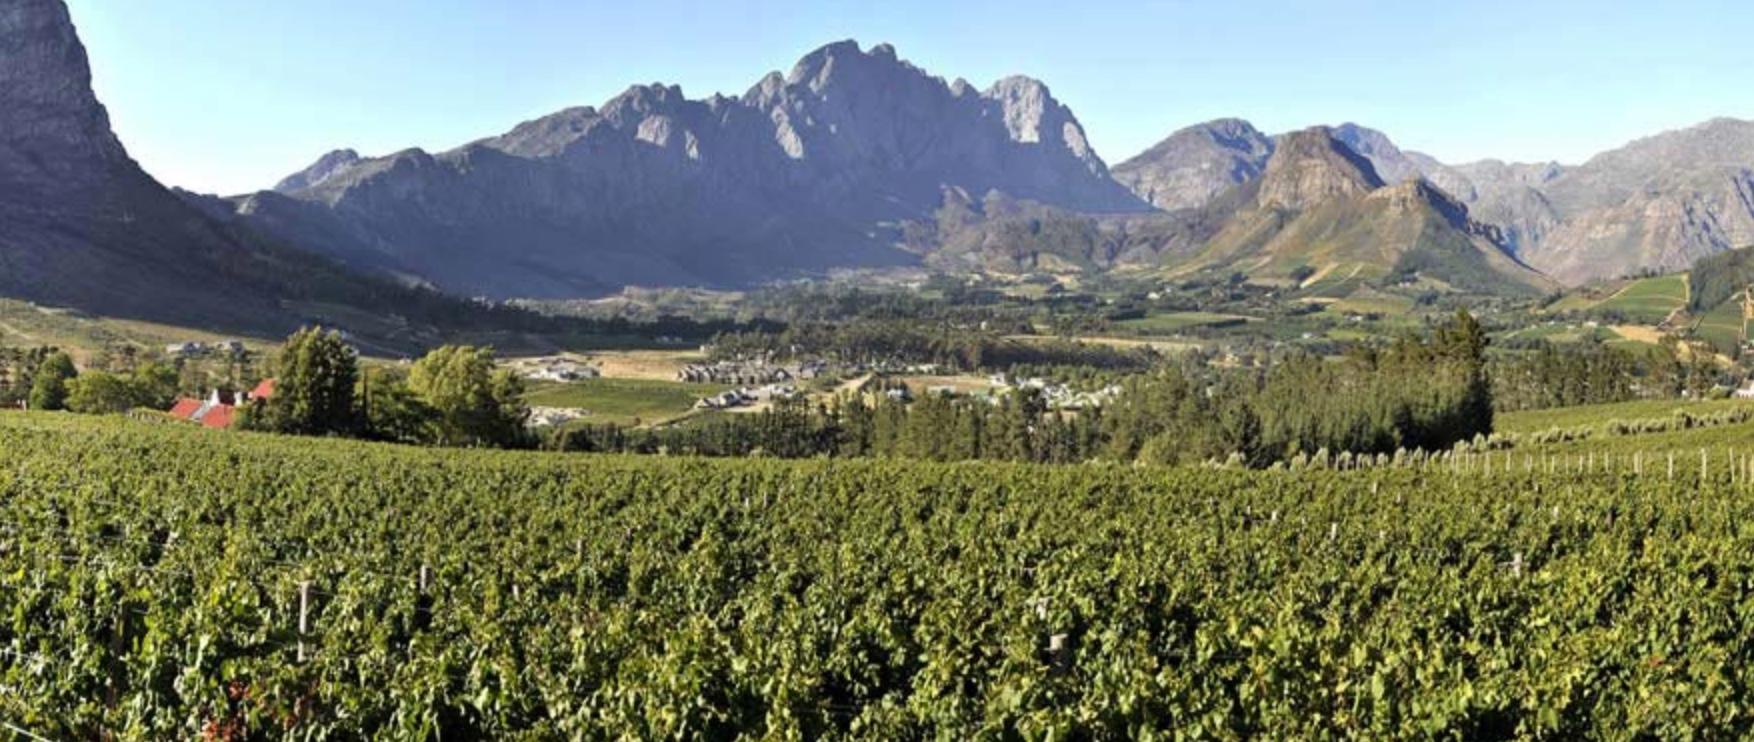 Cape Chamonix besøger Vinkunsten – Vinsmagning fredag den 7. september kl 18-20